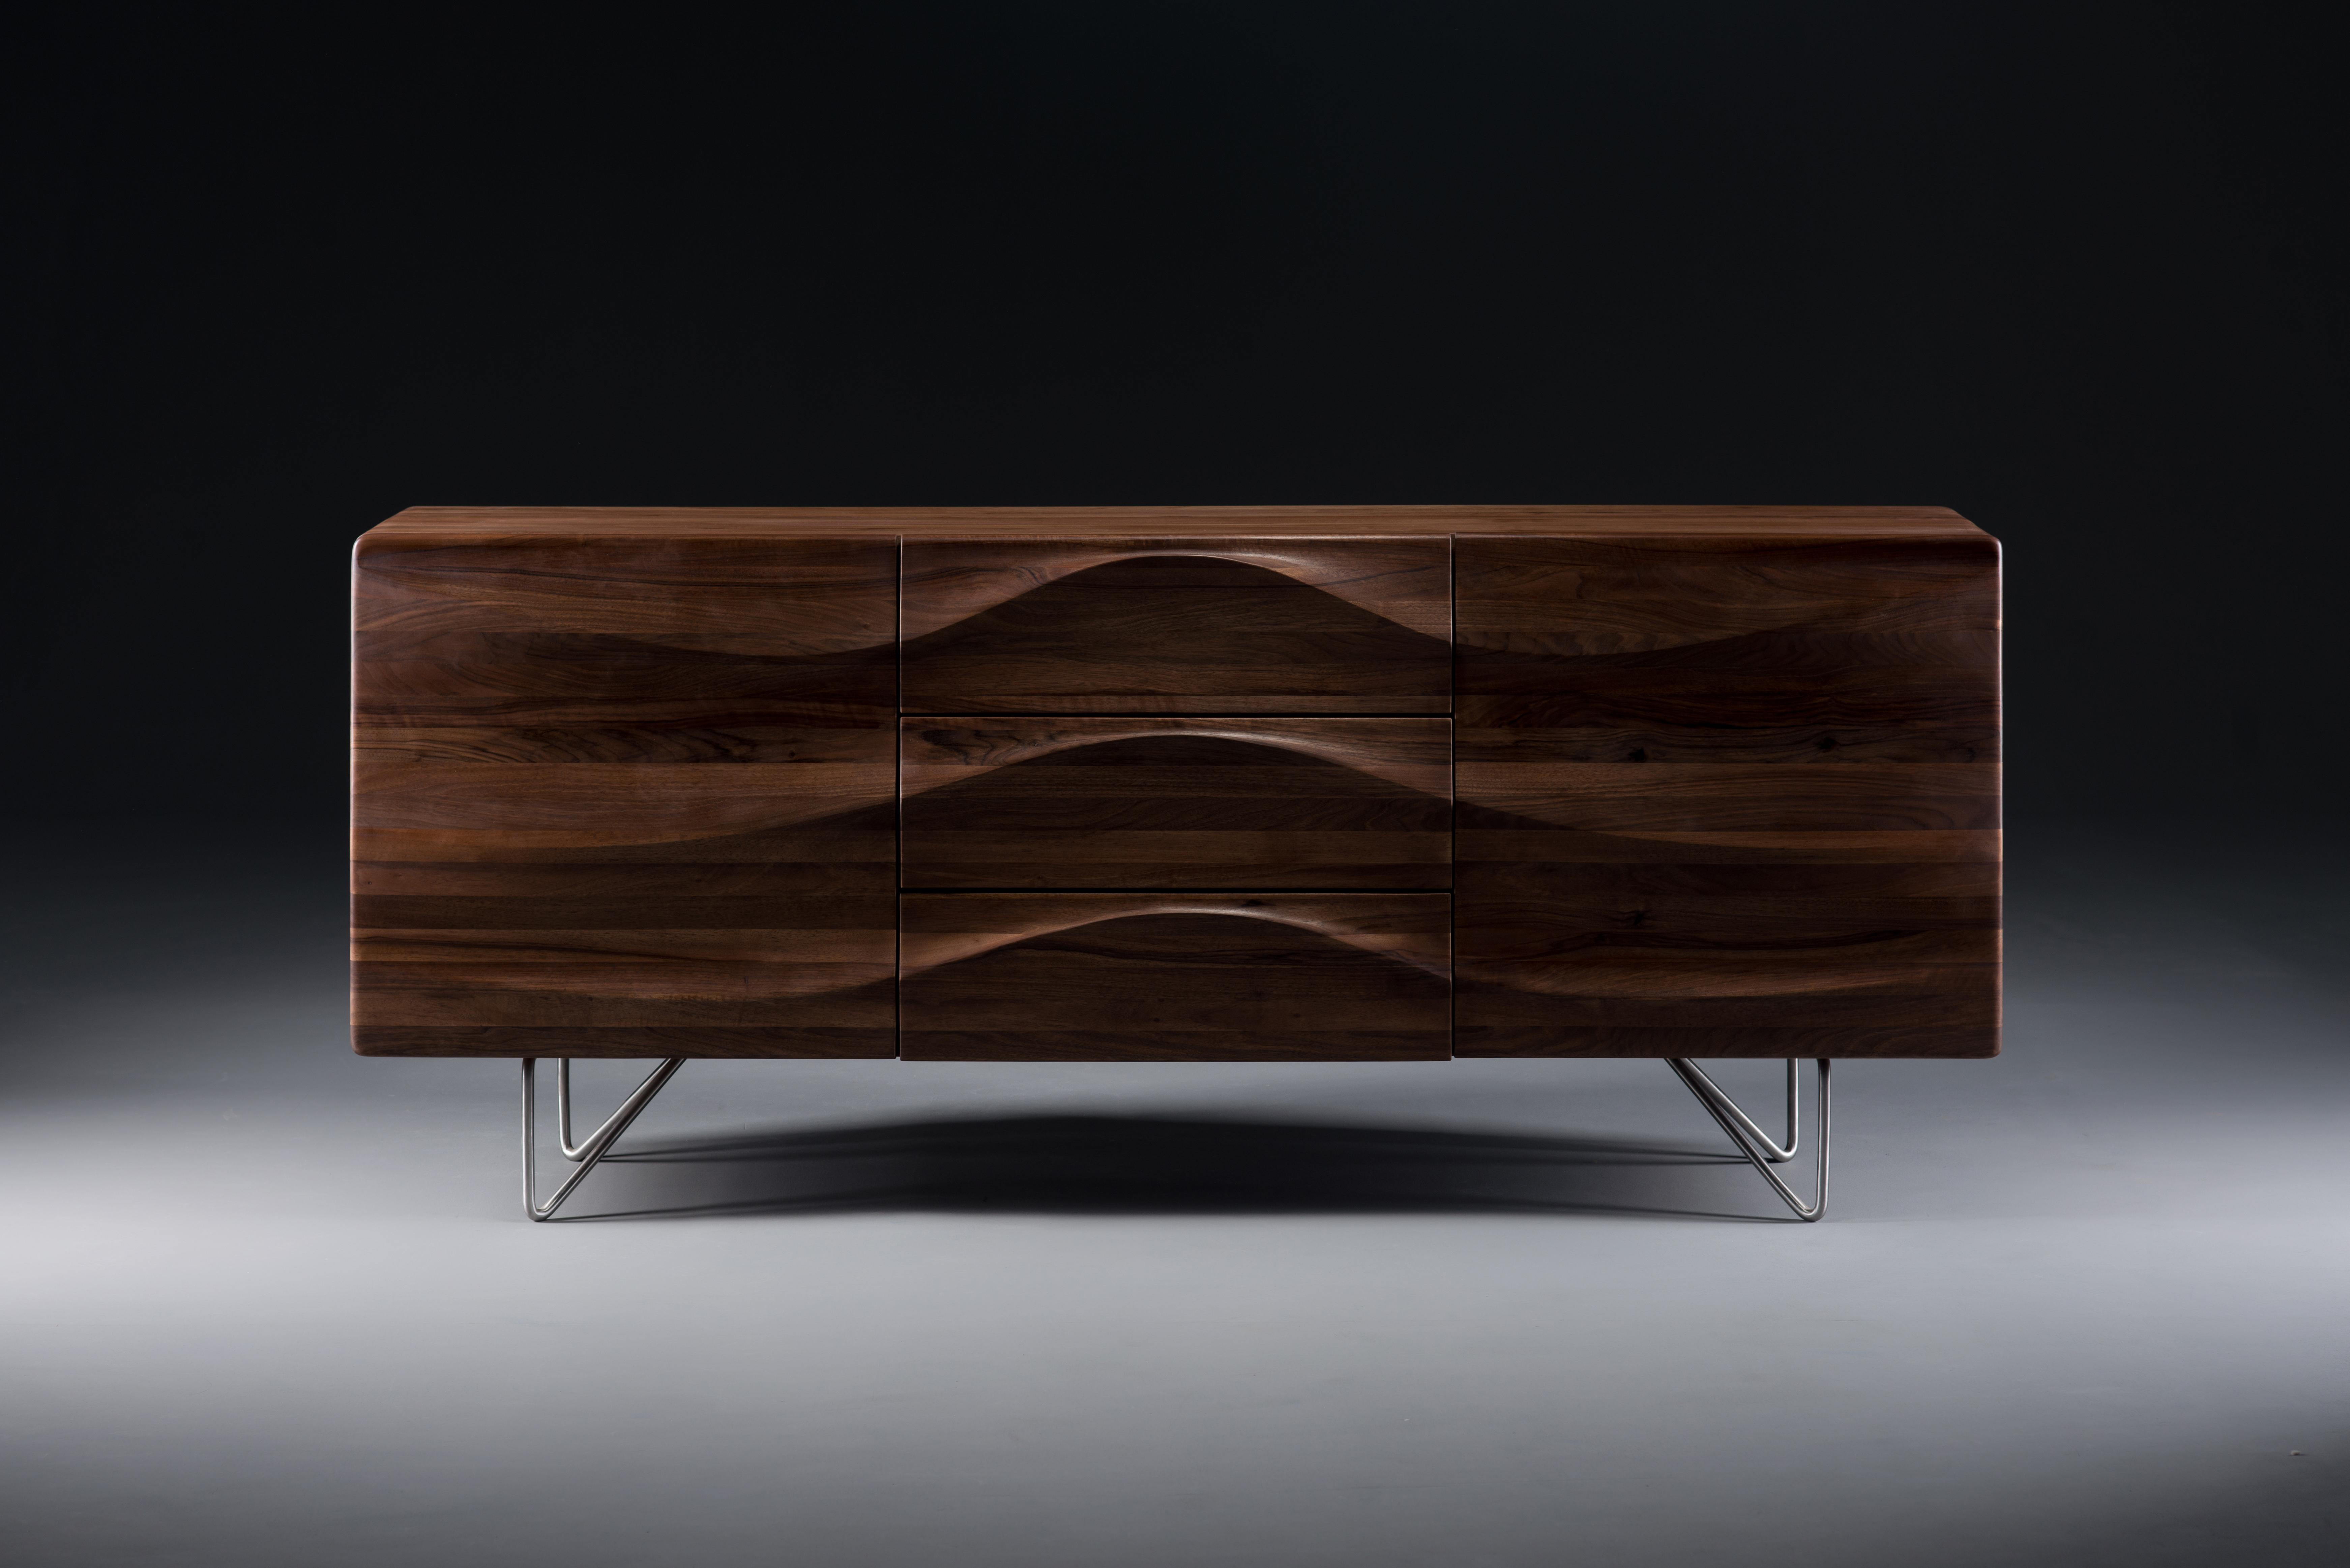 ecofriendly furniture. ARTISAN_LASTASIDEBOARD03 Ecofriendly Furniture